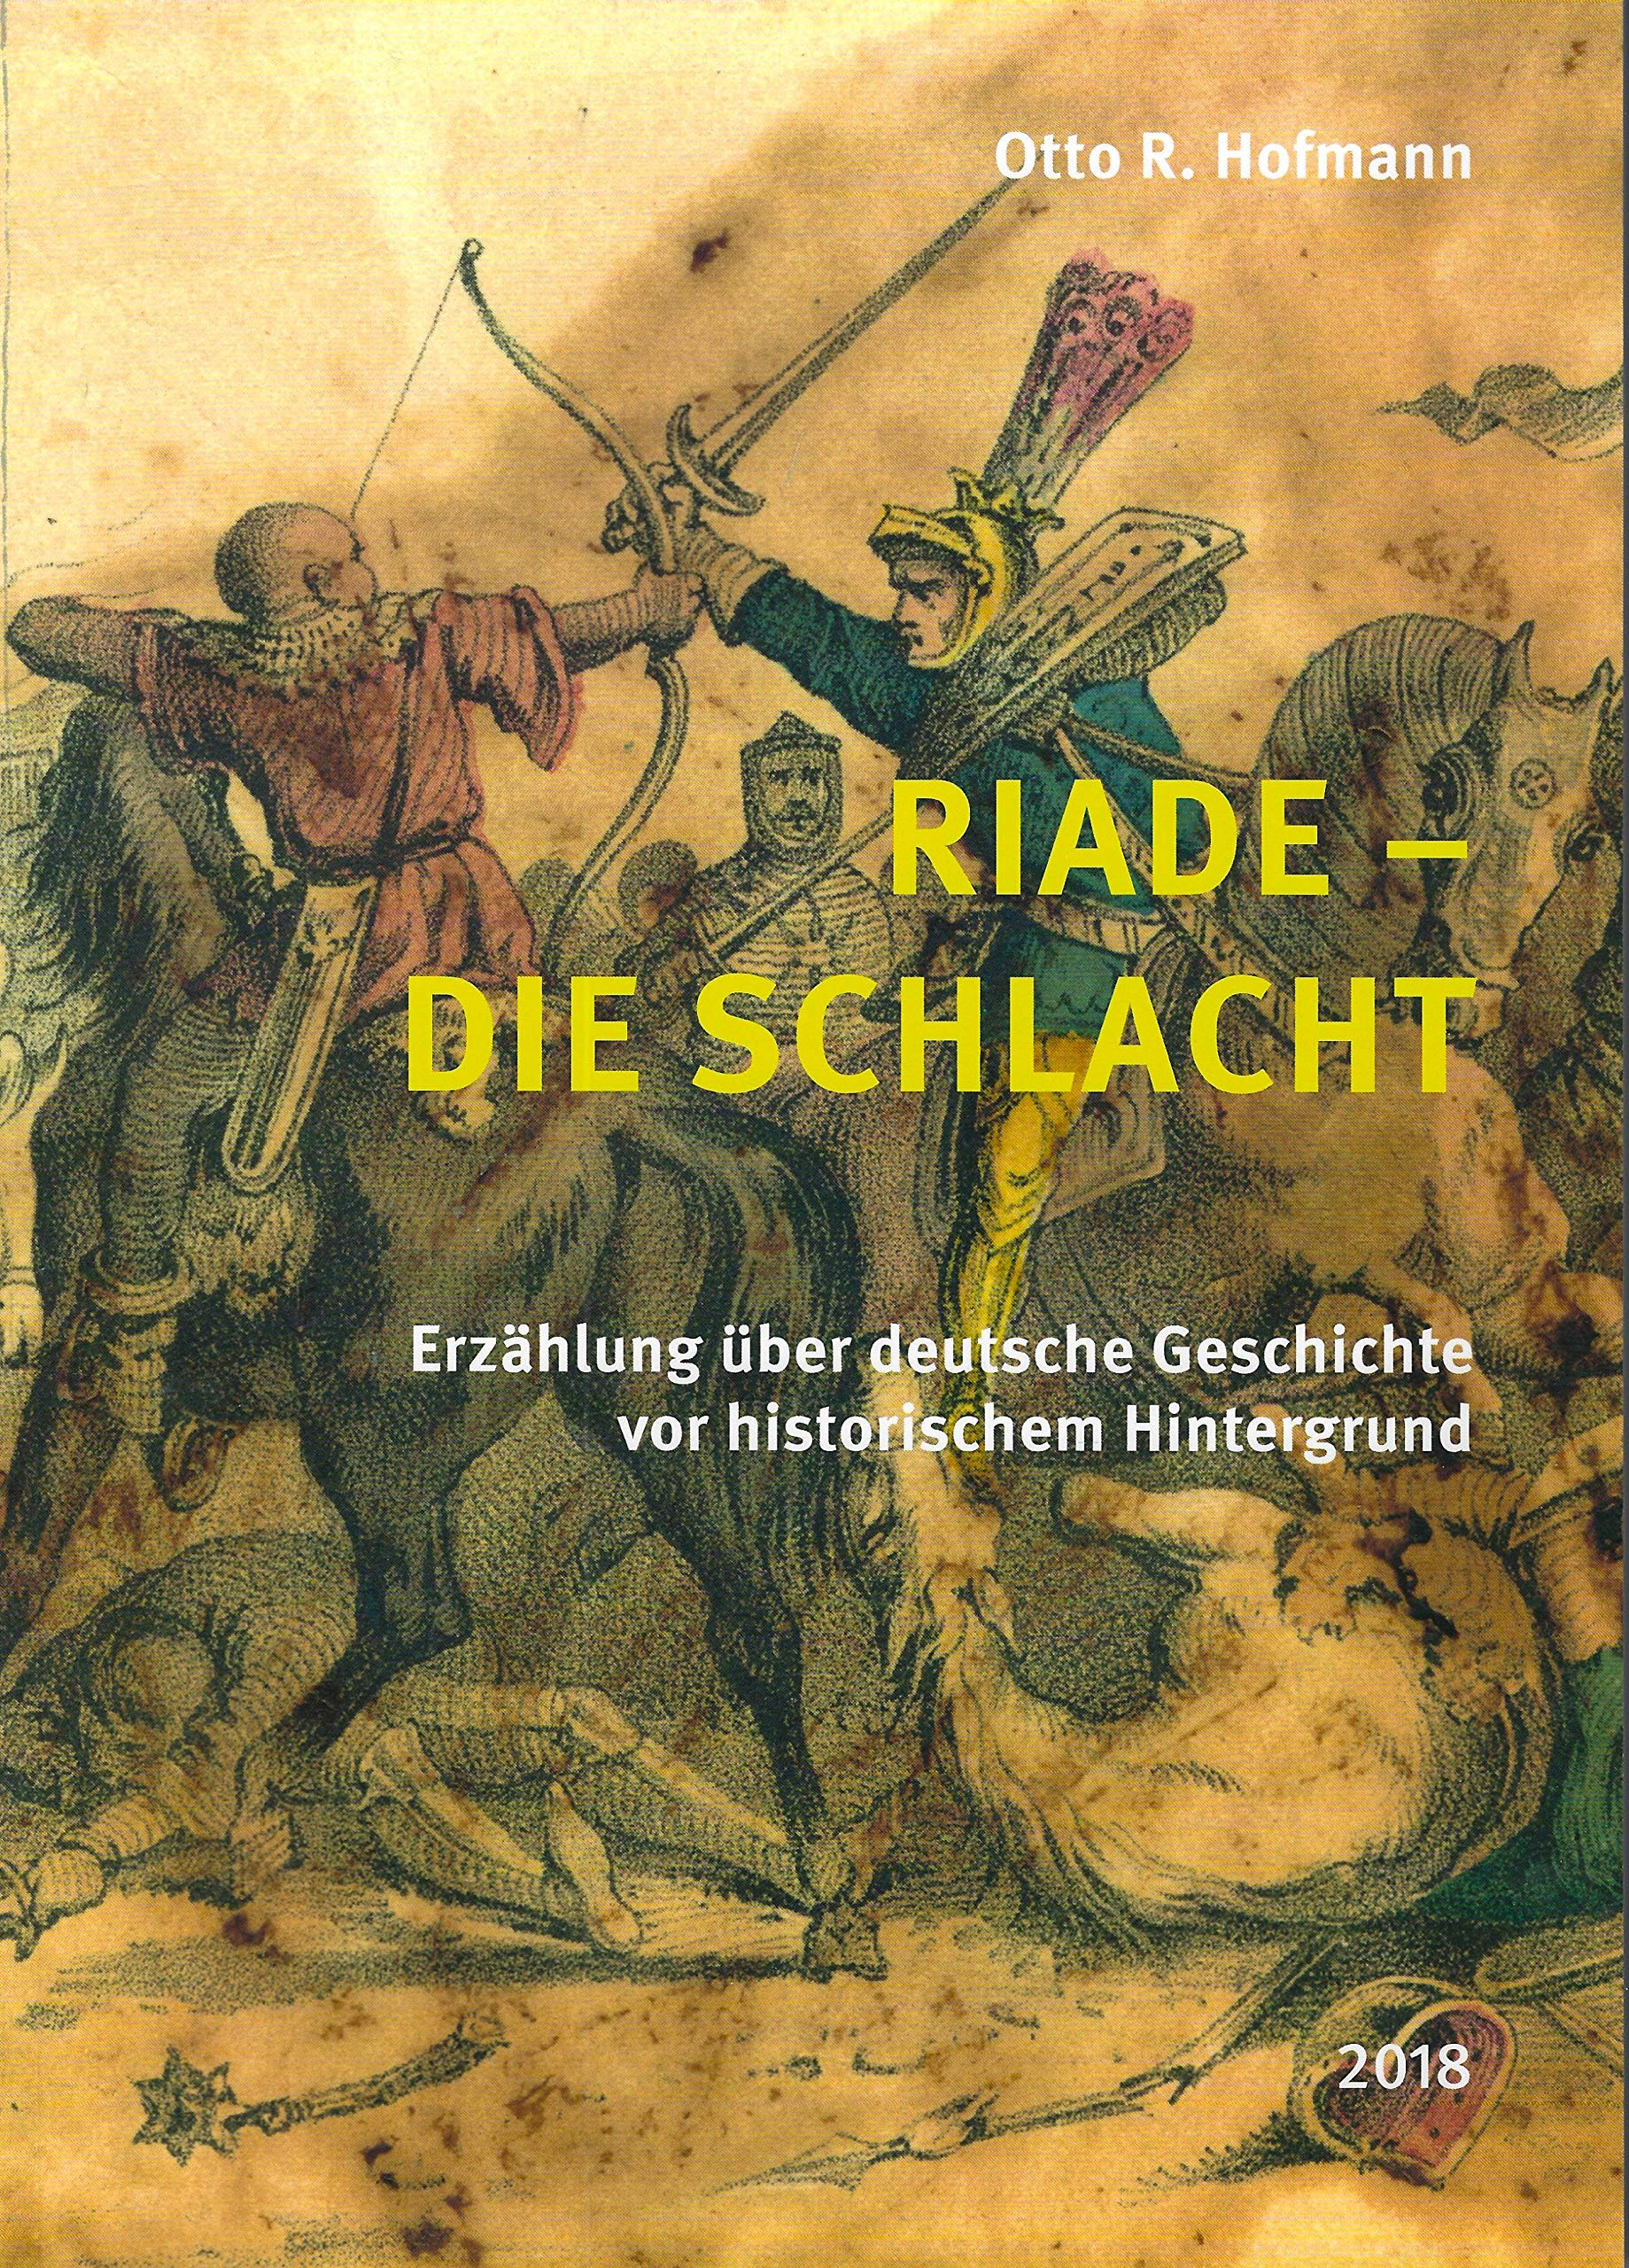 Riade - Die Schlacht: Erzählung über deutsche Geschichte vor historischem Hintergrund